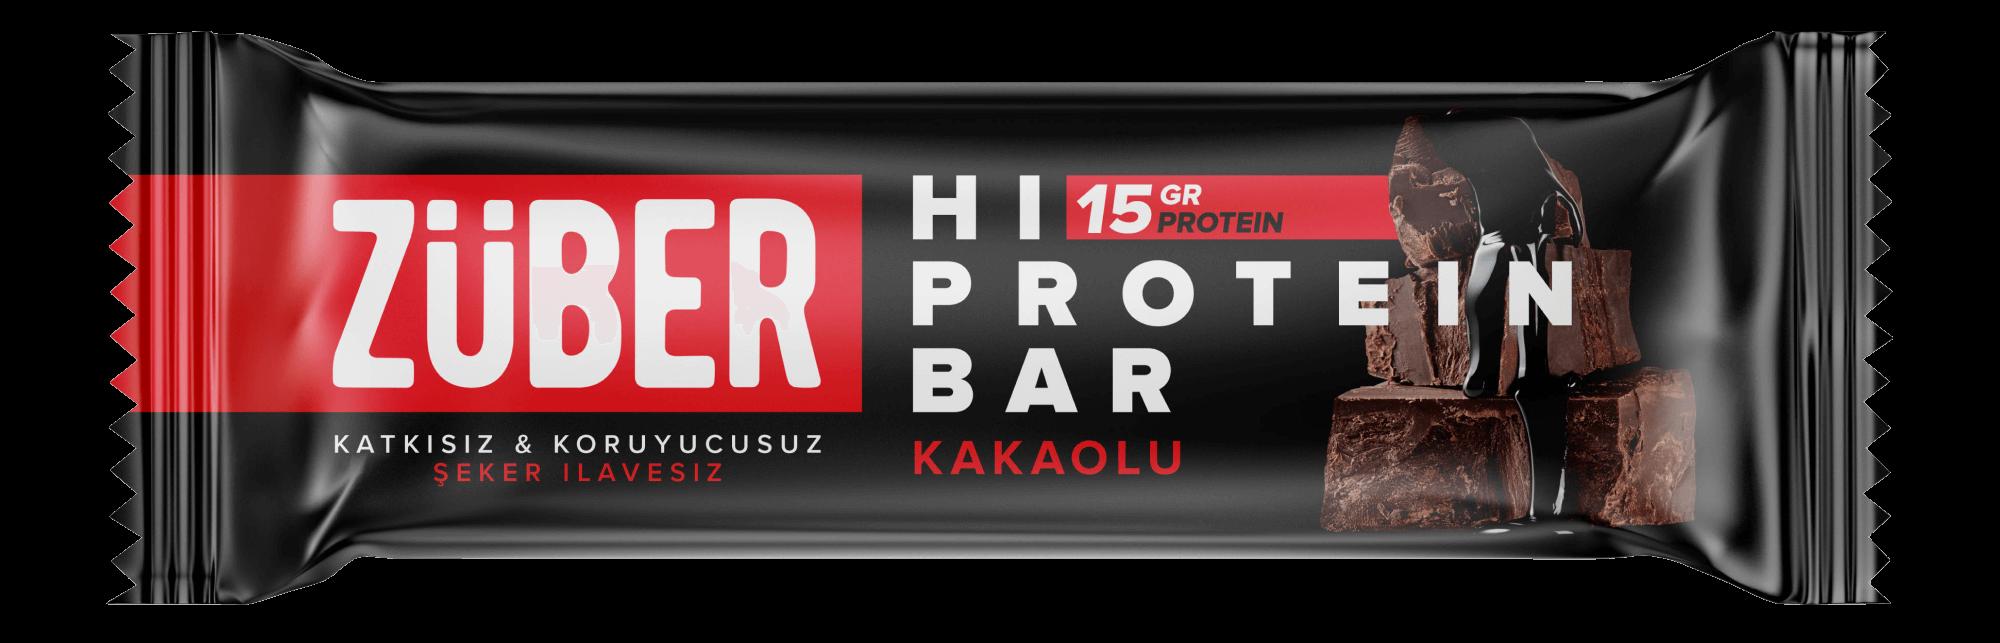 Kakaolu Yüksek Protein Bar, 45g